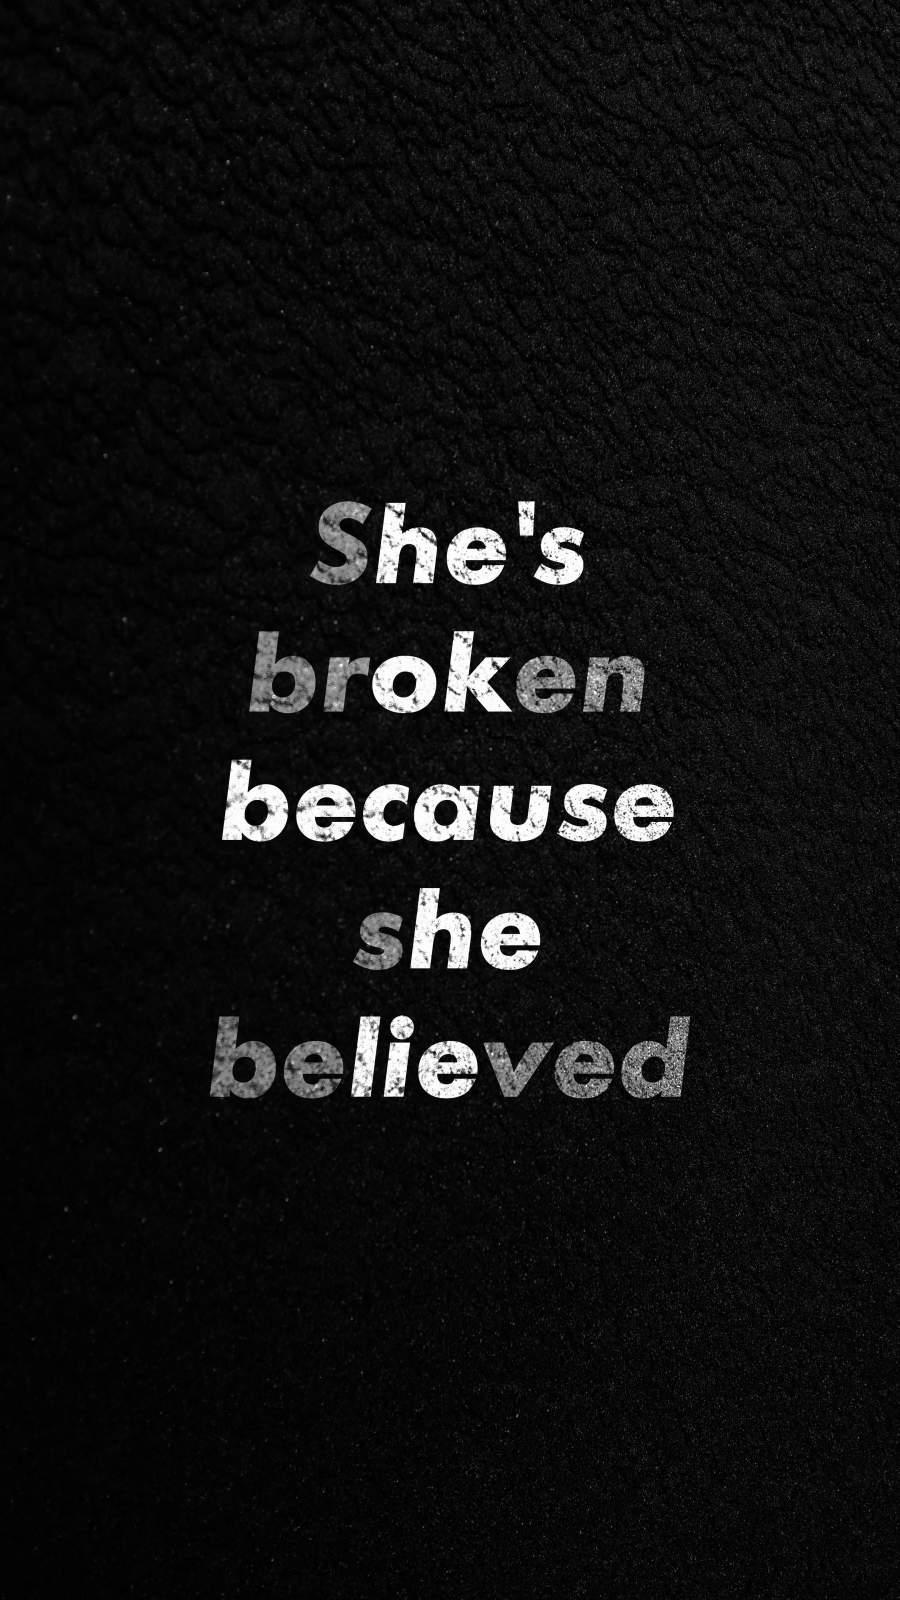 Breakup Quote iPhone Wallpaper